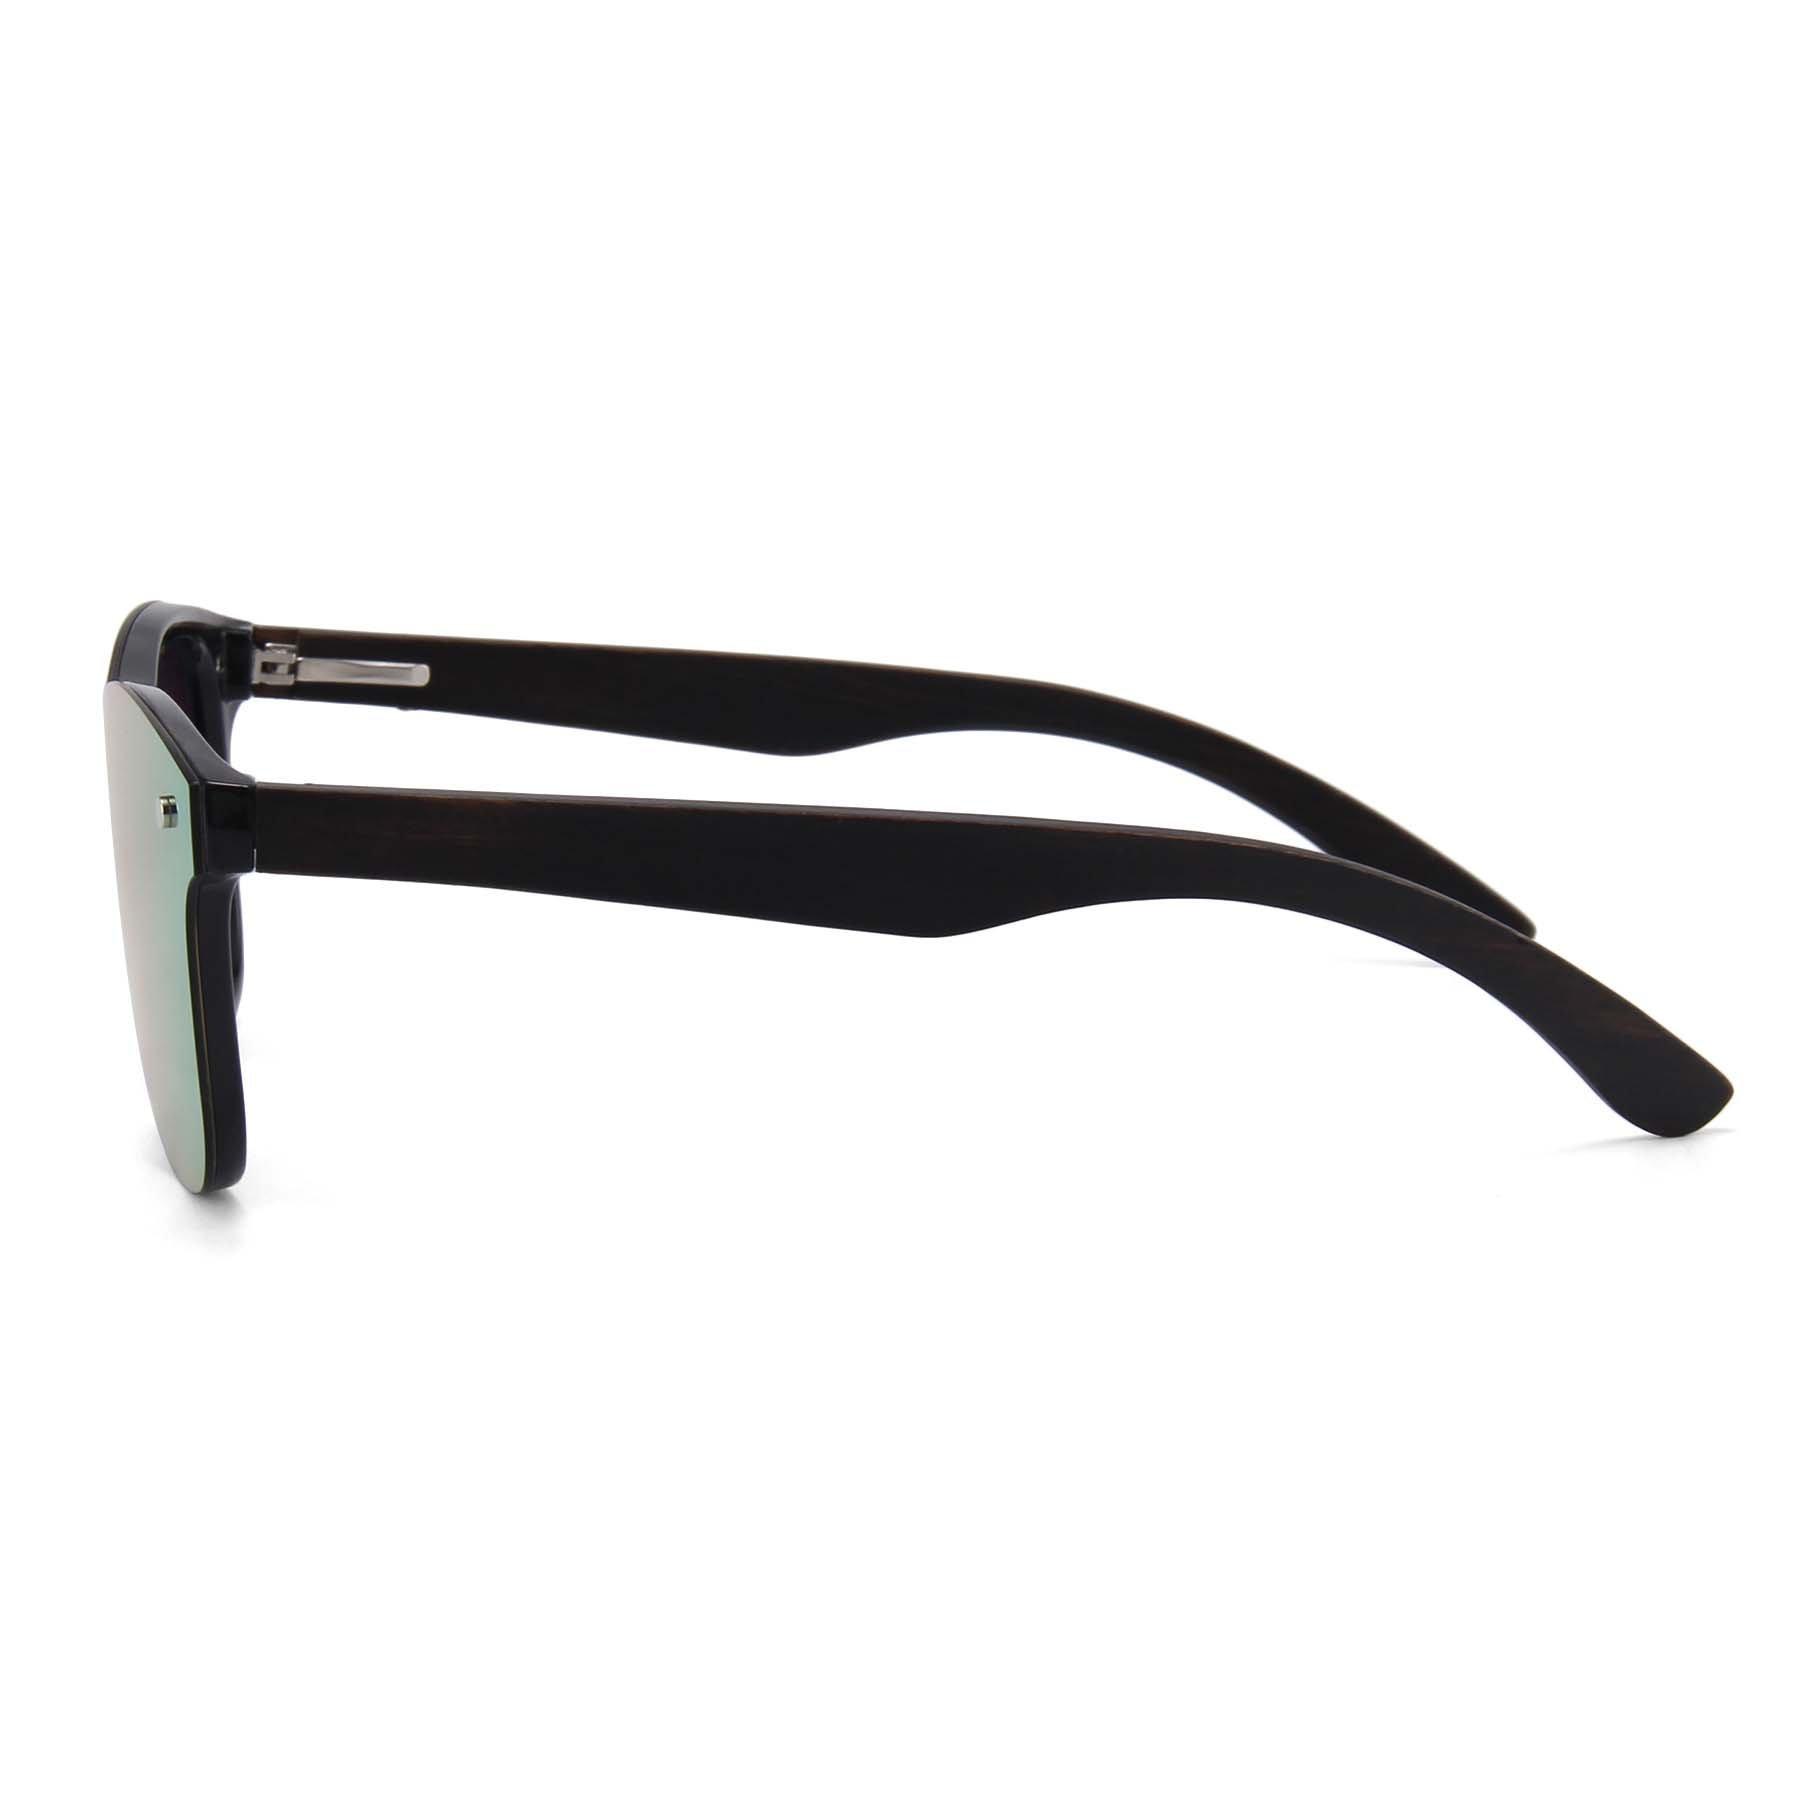 Drewniane okulary przeciwsłoneczne C04- czarne - heban 7